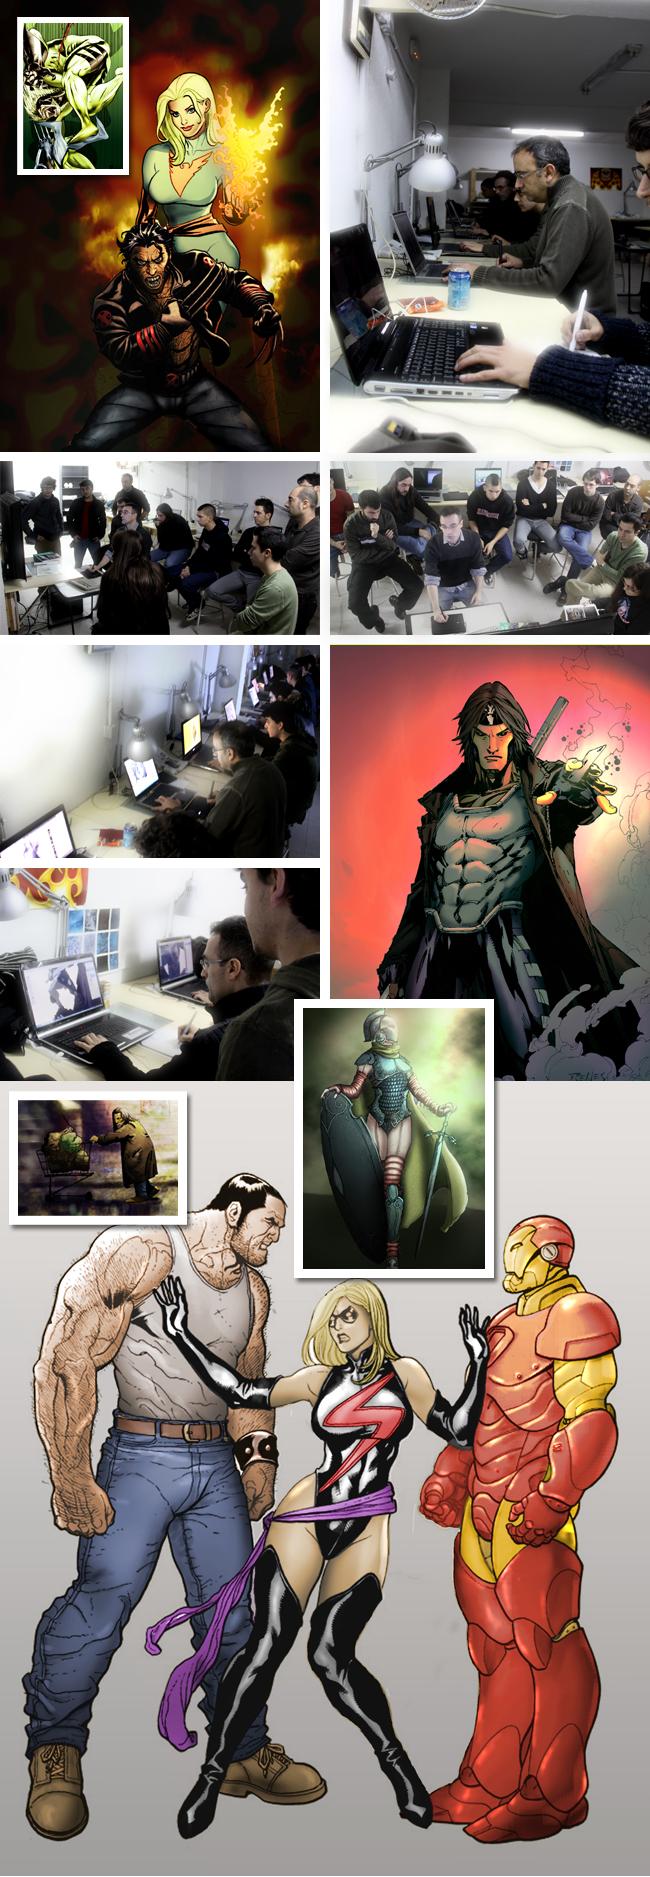 Imagenes del curso de ilustración digital. Academia C10.